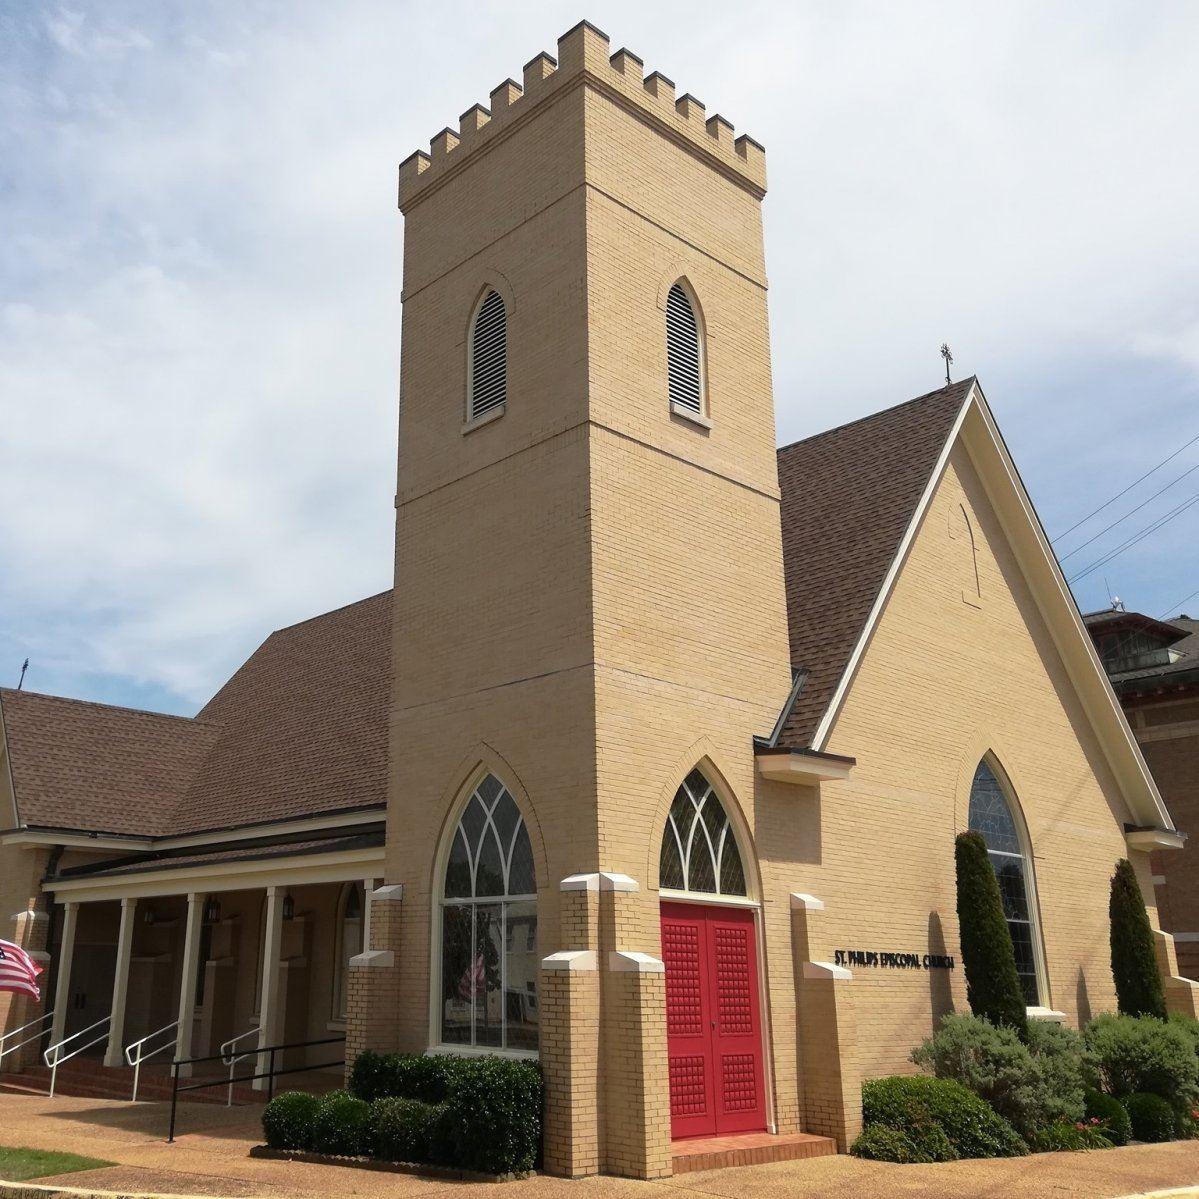 St Phiips Episcopal Church